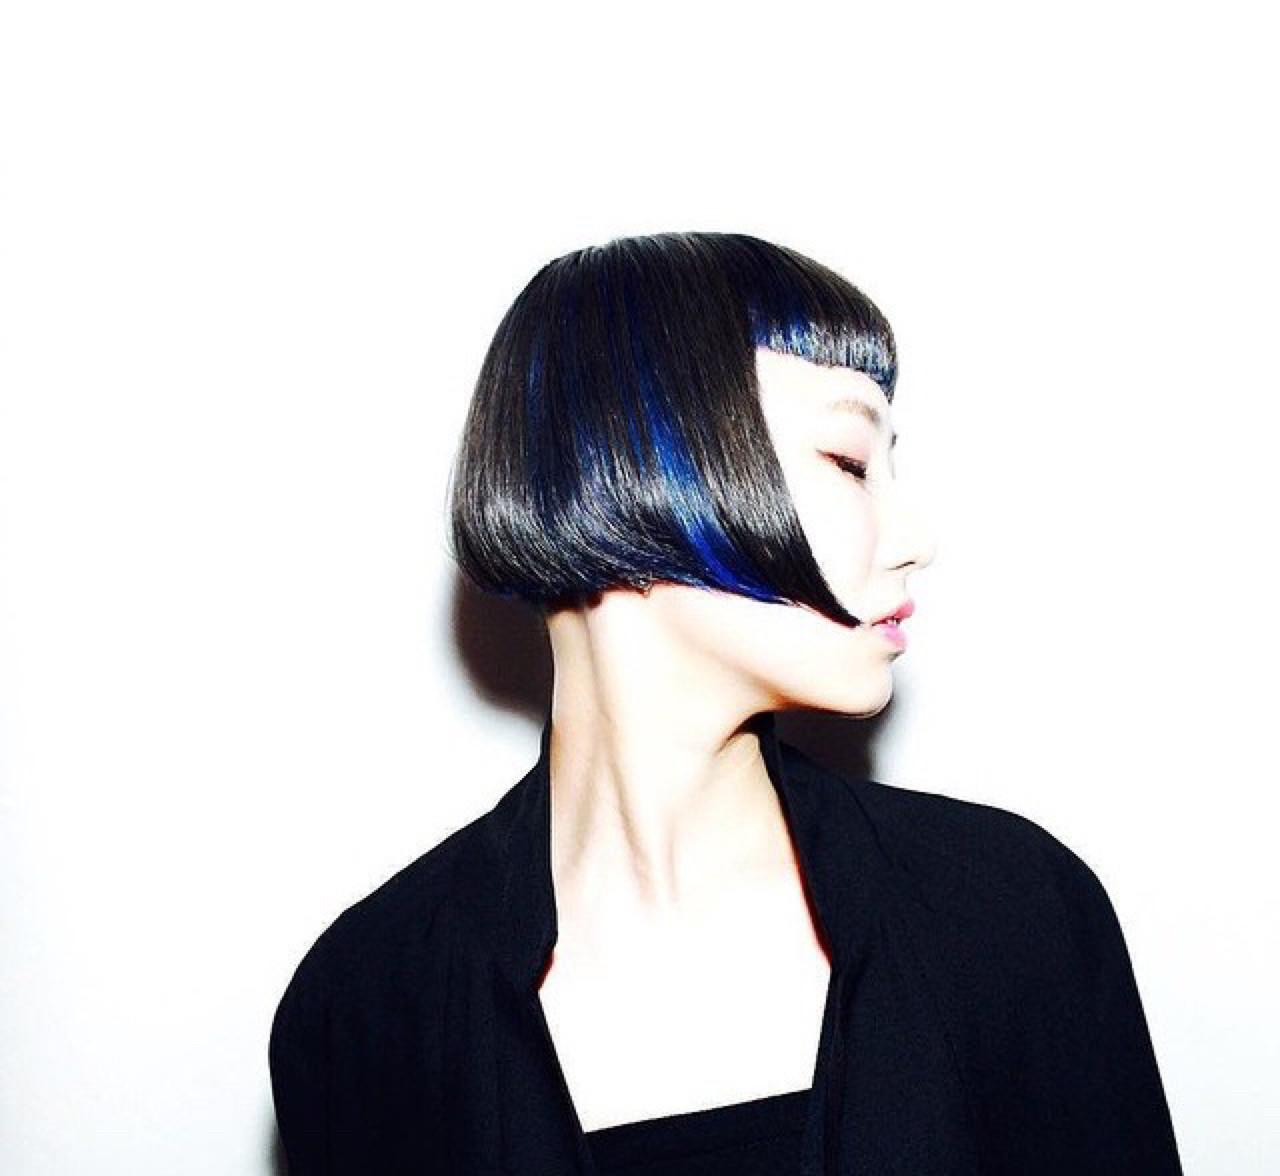 黒髪 ショート モード かっこいい ヘアスタイルや髪型の写真・画像 | ruka /